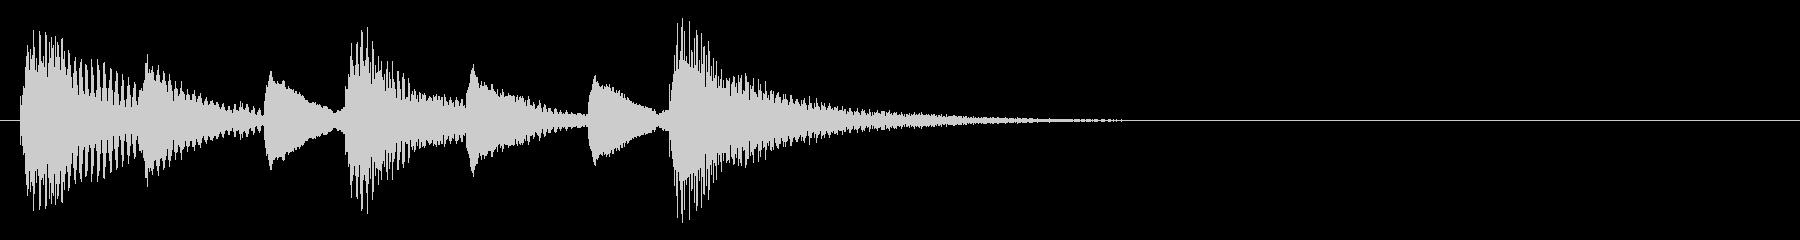 木琴 ミステリアス ほのぼの ジングル の未再生の波形